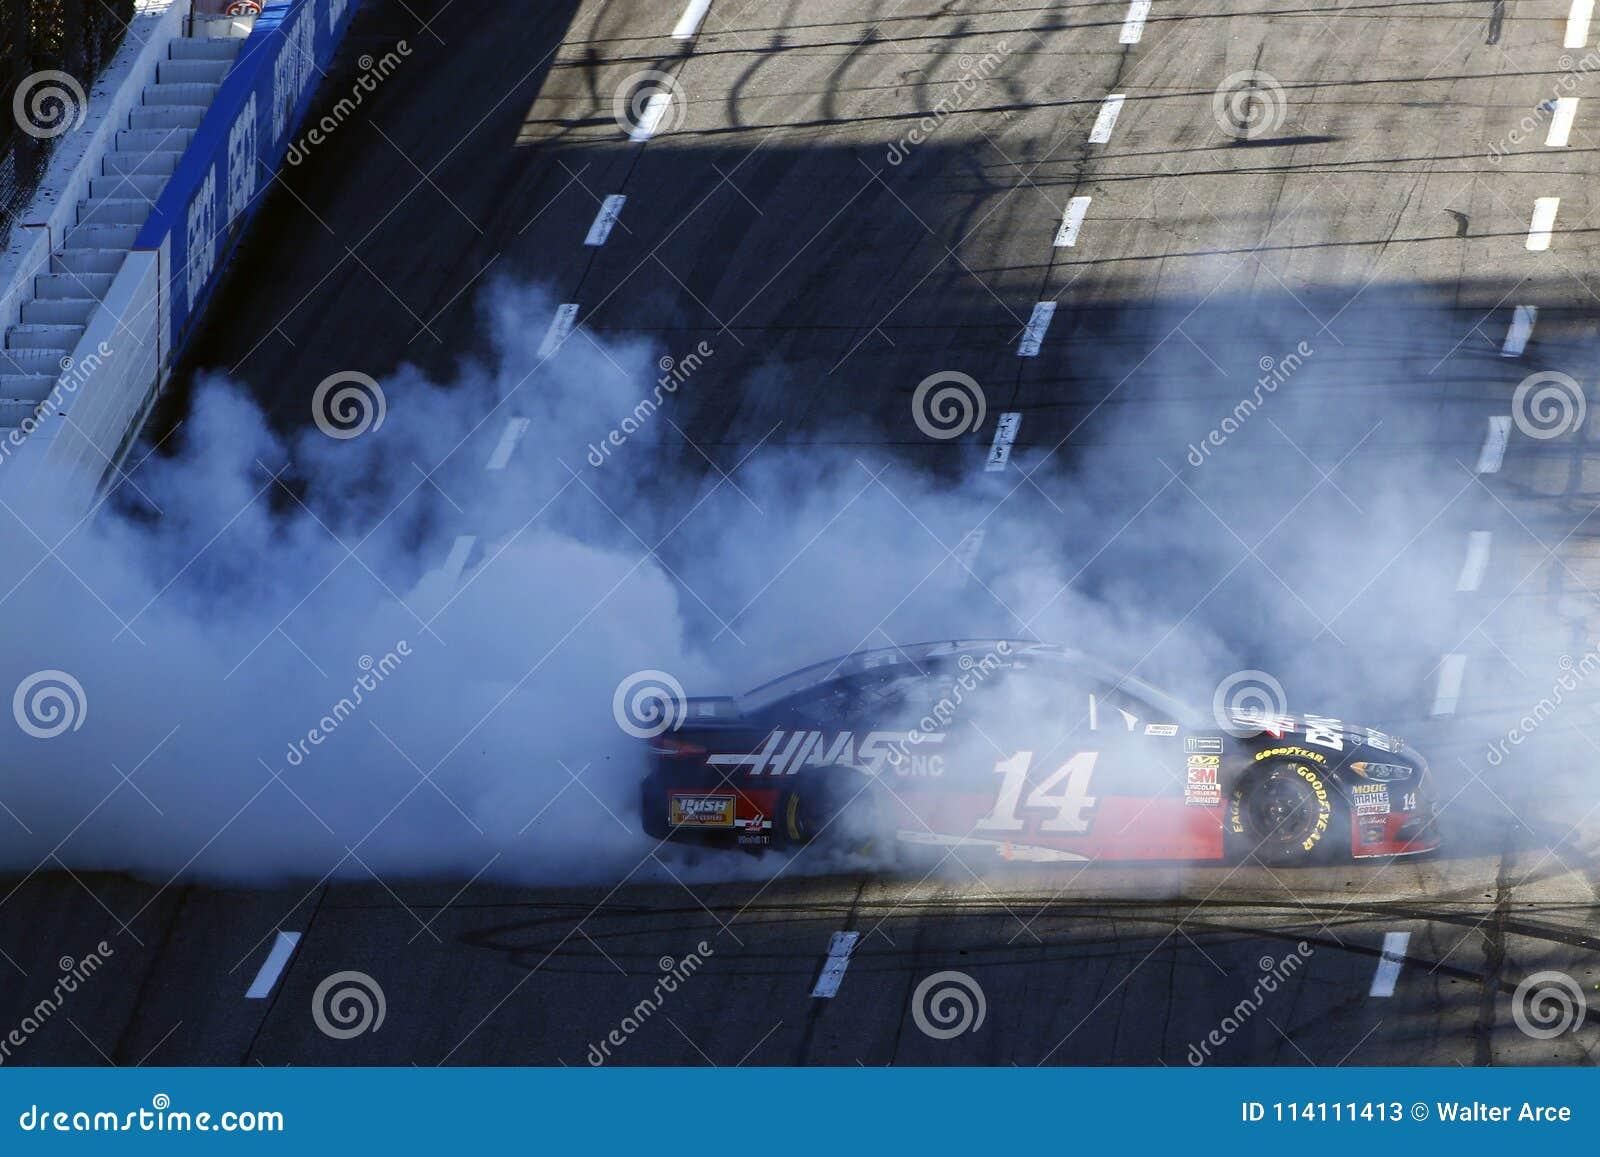 NASCAR: March 26 STP 500